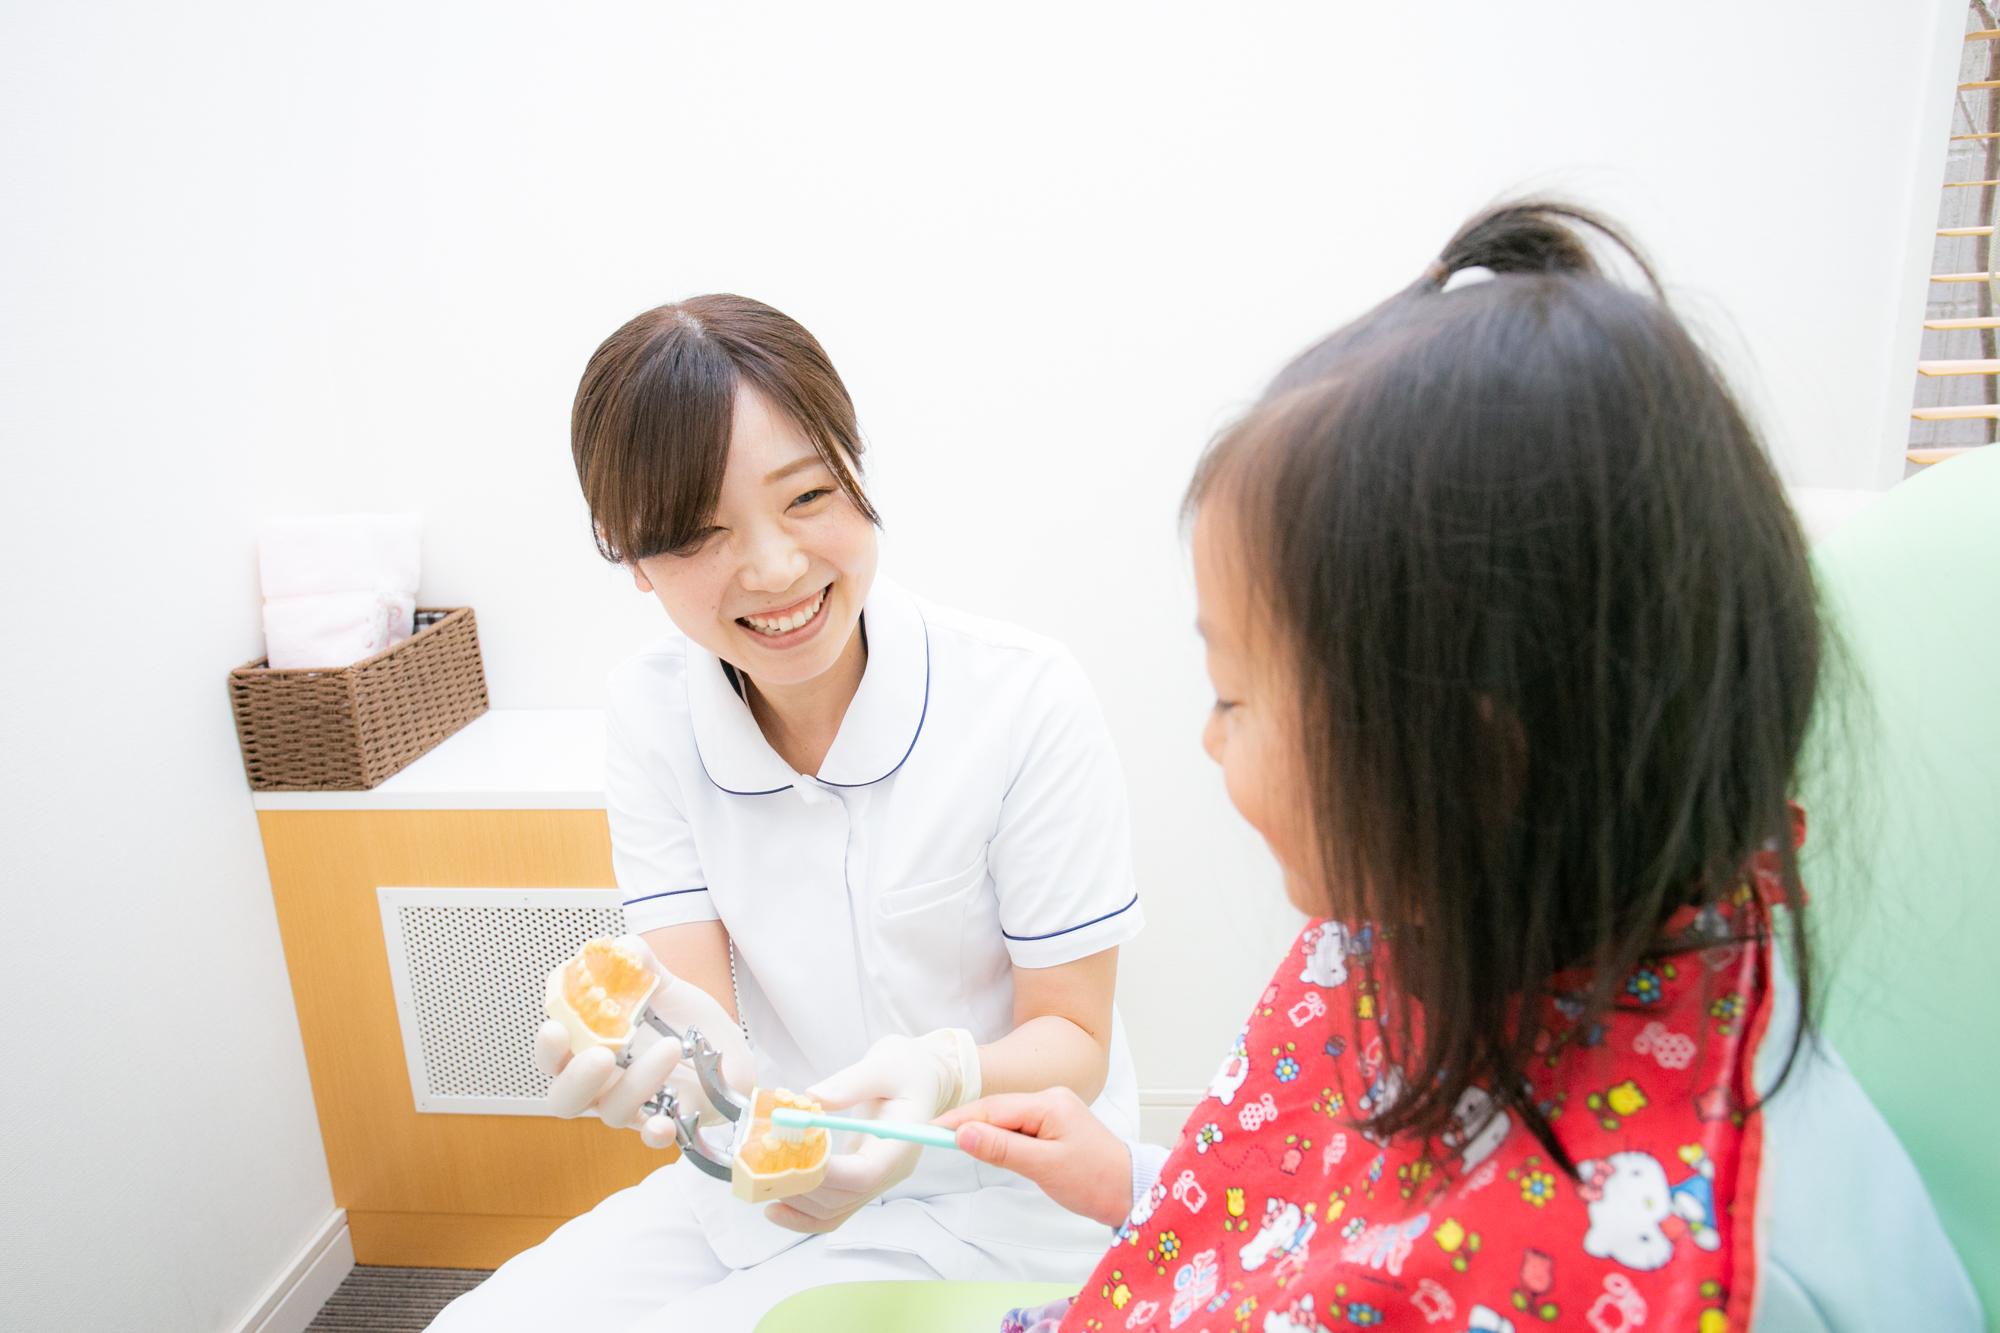 当院は衛生管理、感染防止に最善を尽くしています